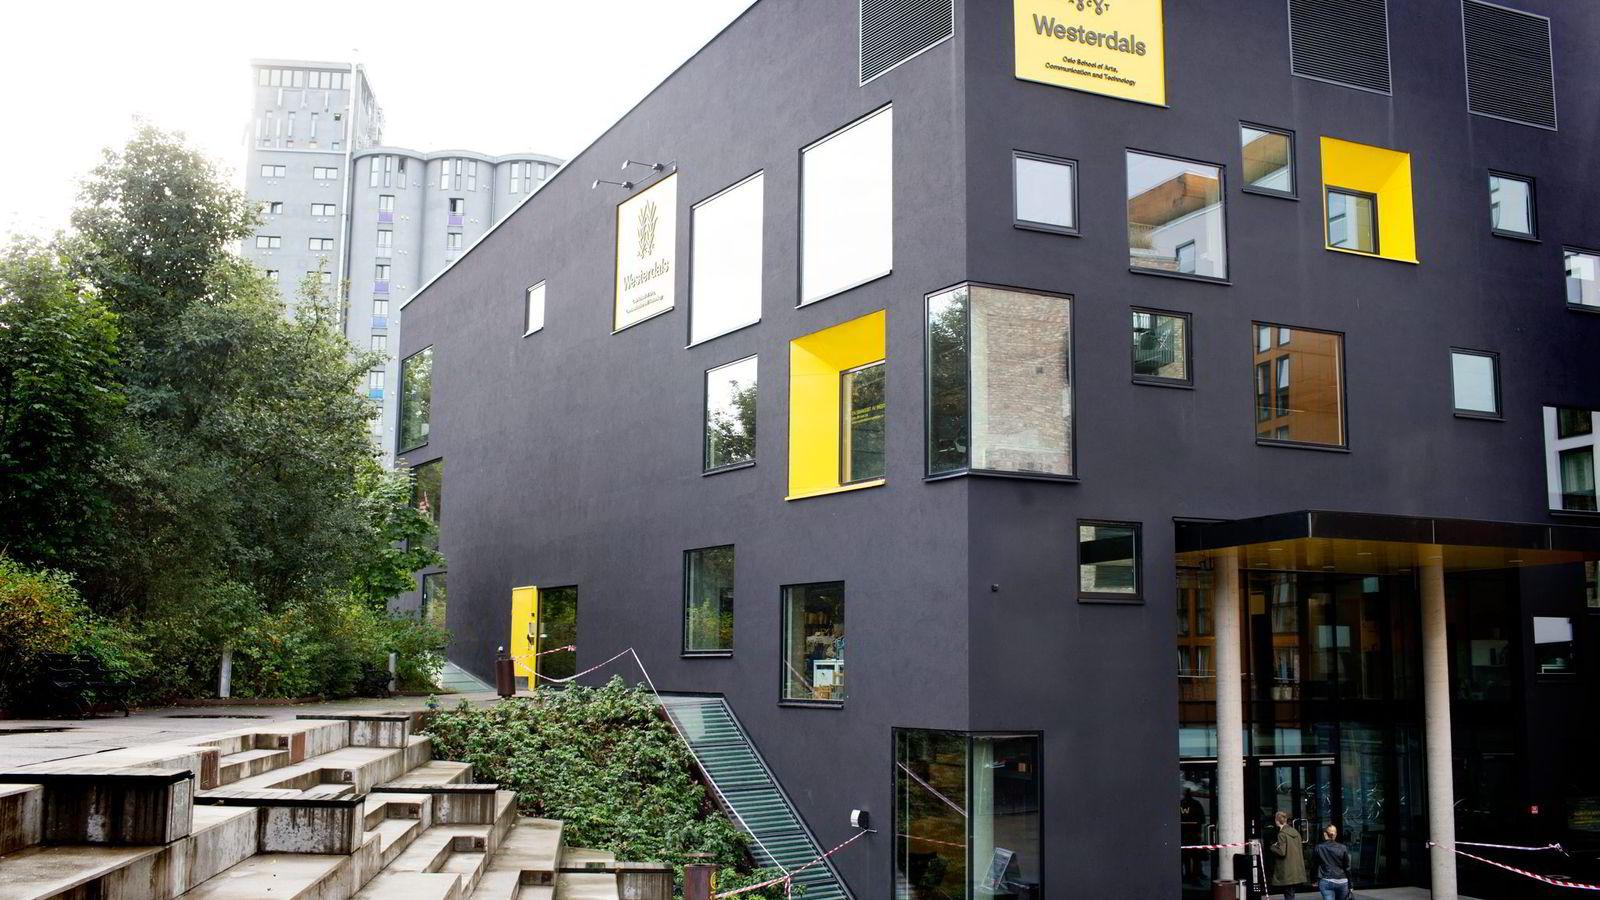 Westerdals (bildet) og dens eiere har tjent fett på ulovlig høye skolepenger. Alt tyder på at skolen har visst hva den har holdt på med. Studentene er taperne, skriver Eva Grinde.